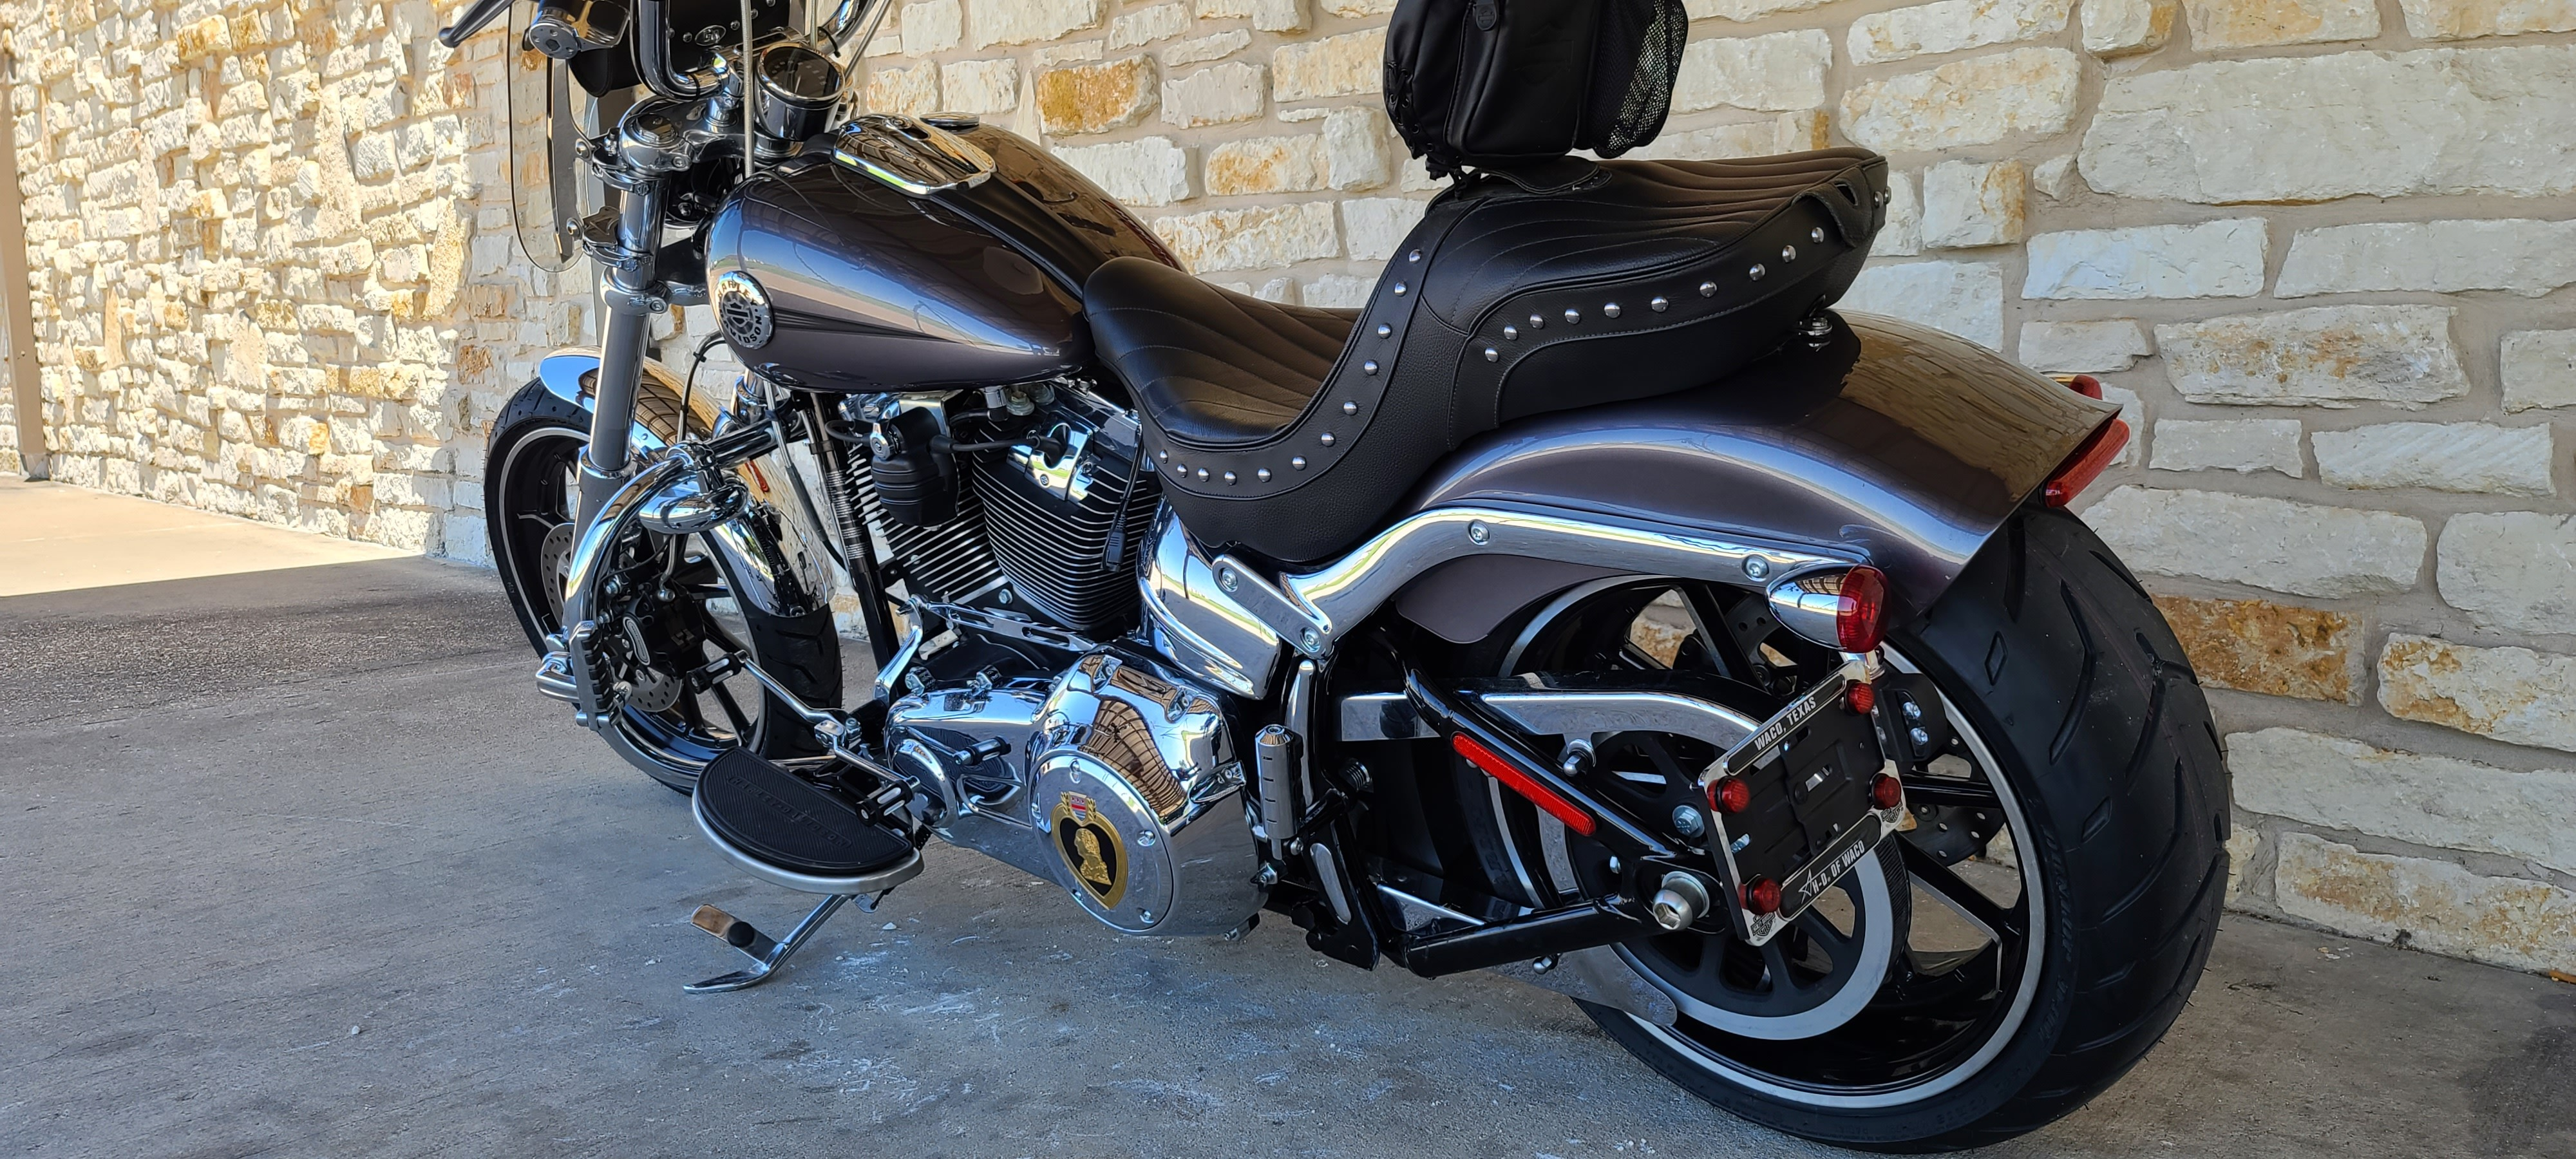 2015 Harley-Davidson Softail Breakout at Harley-Davidson of Waco